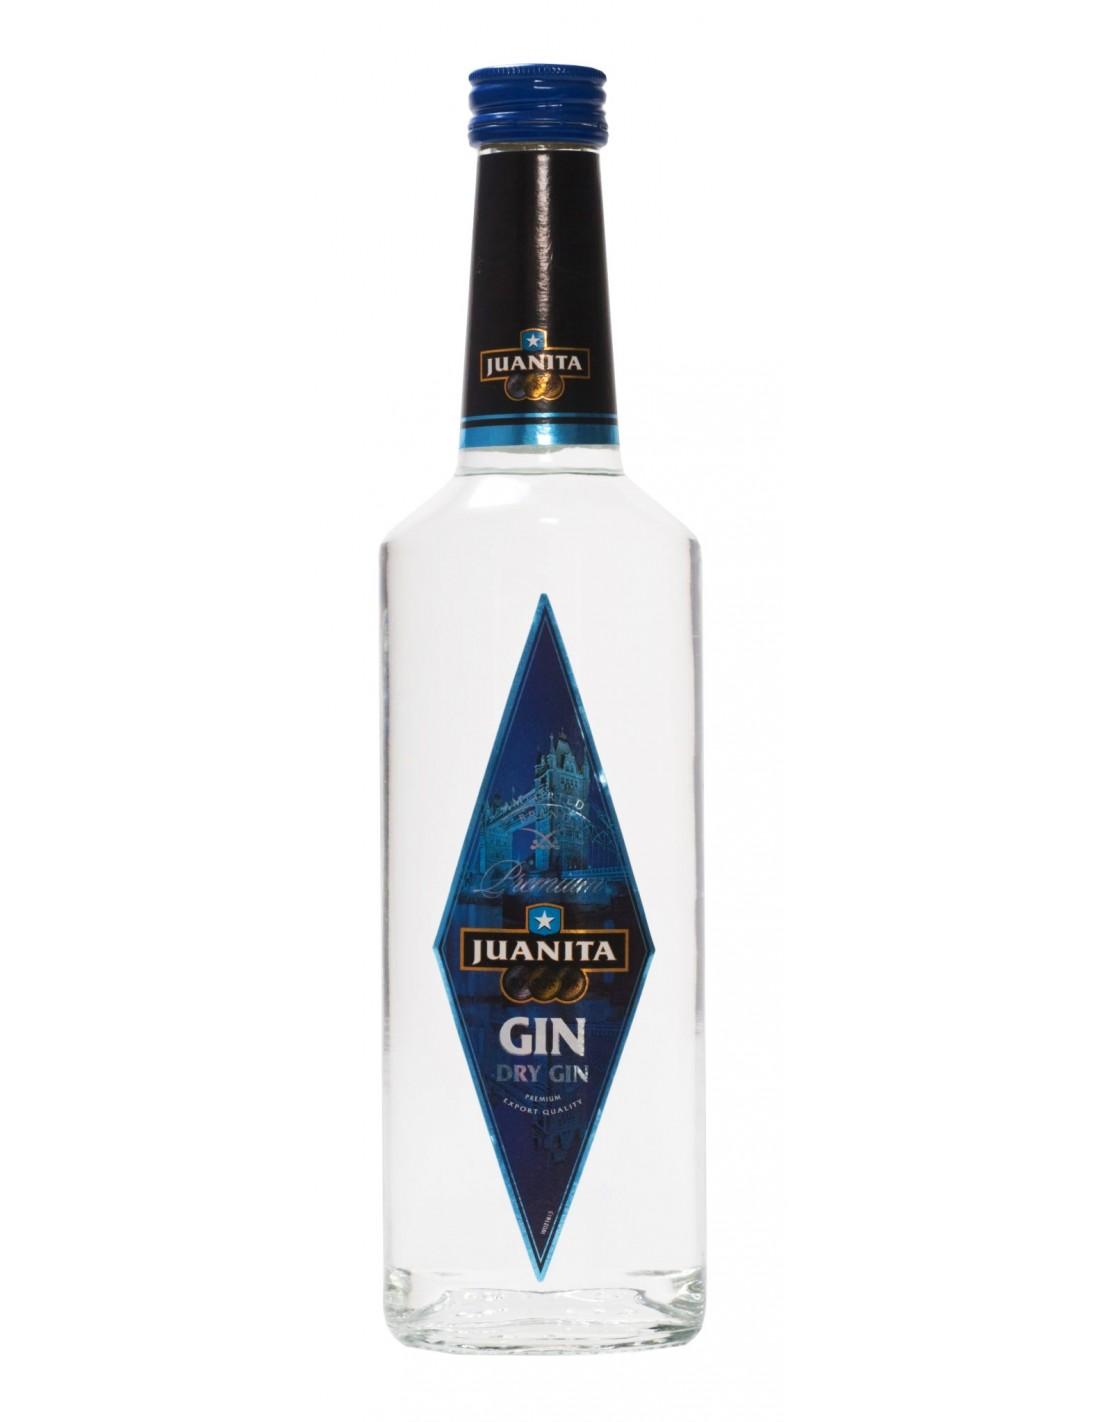 Gin Juanita 37.5% alc., 0.5L